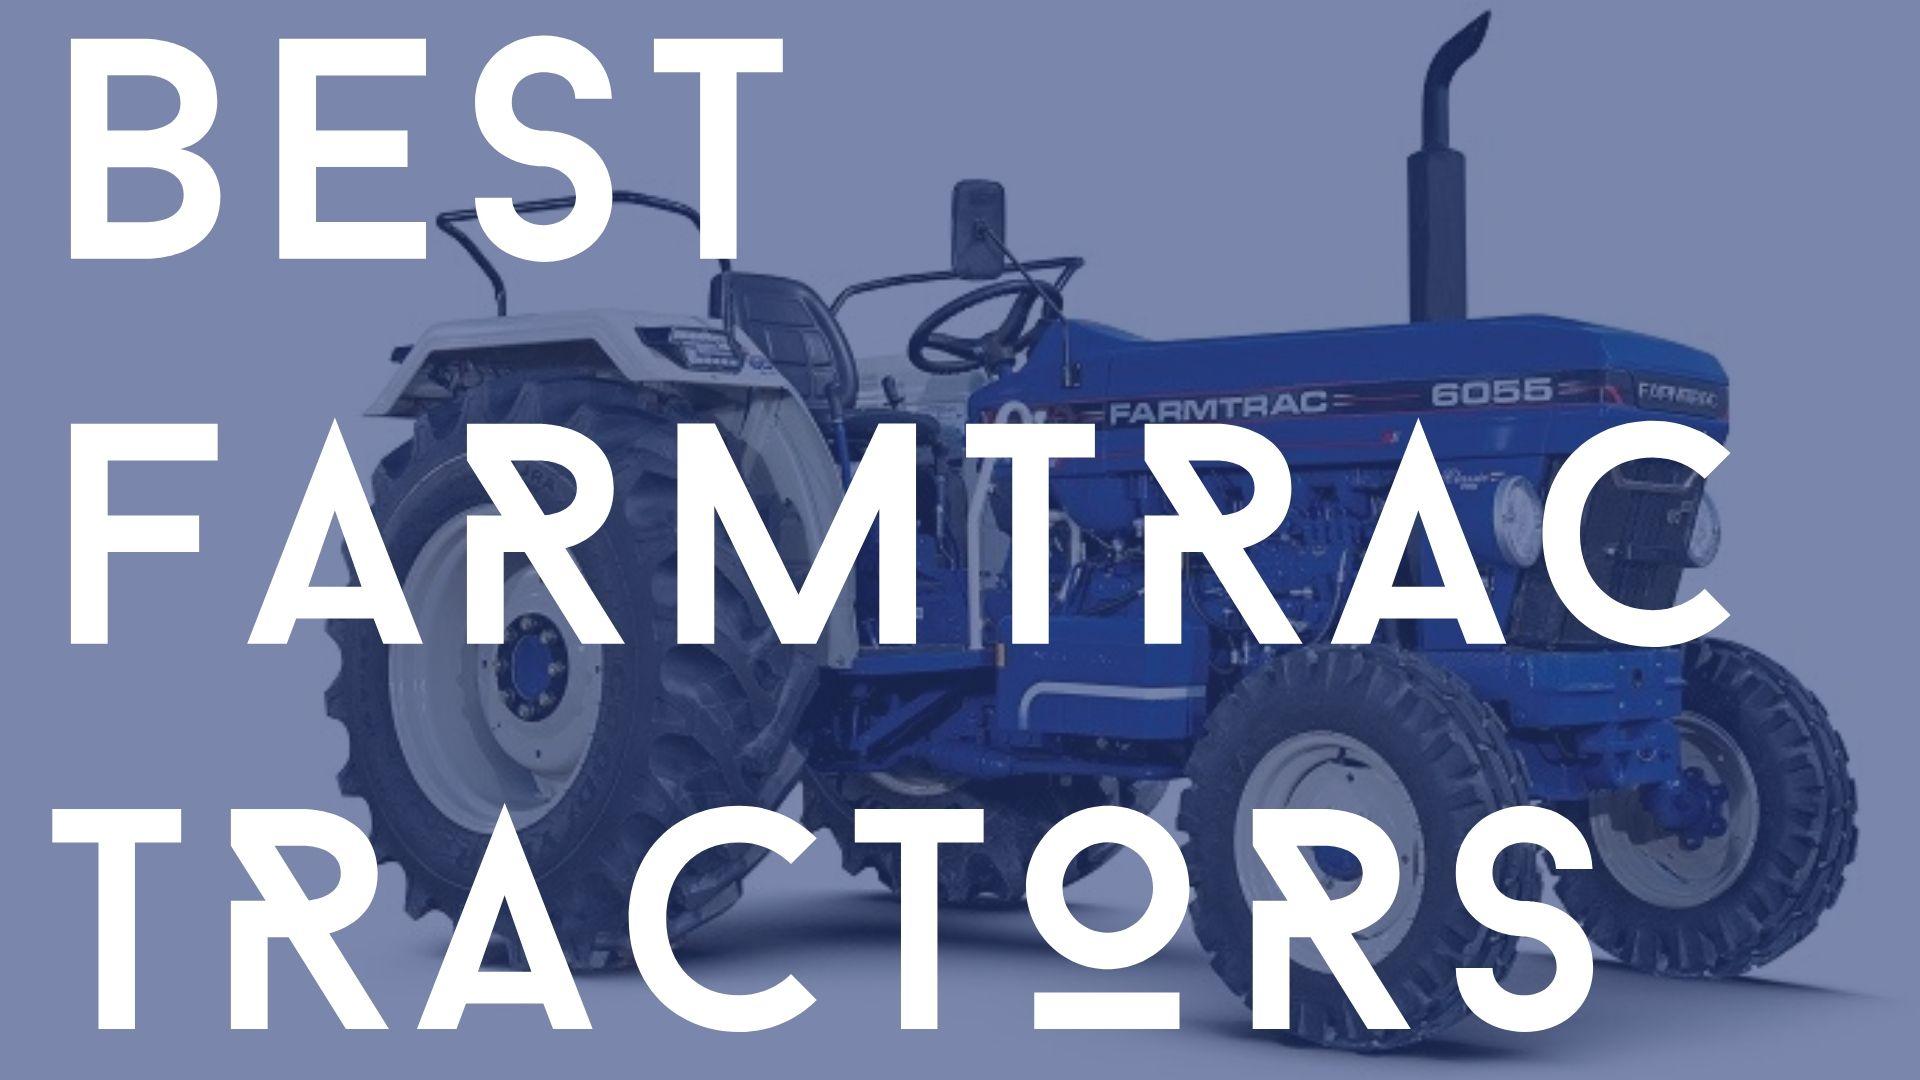 Best Farmtrac Tractors